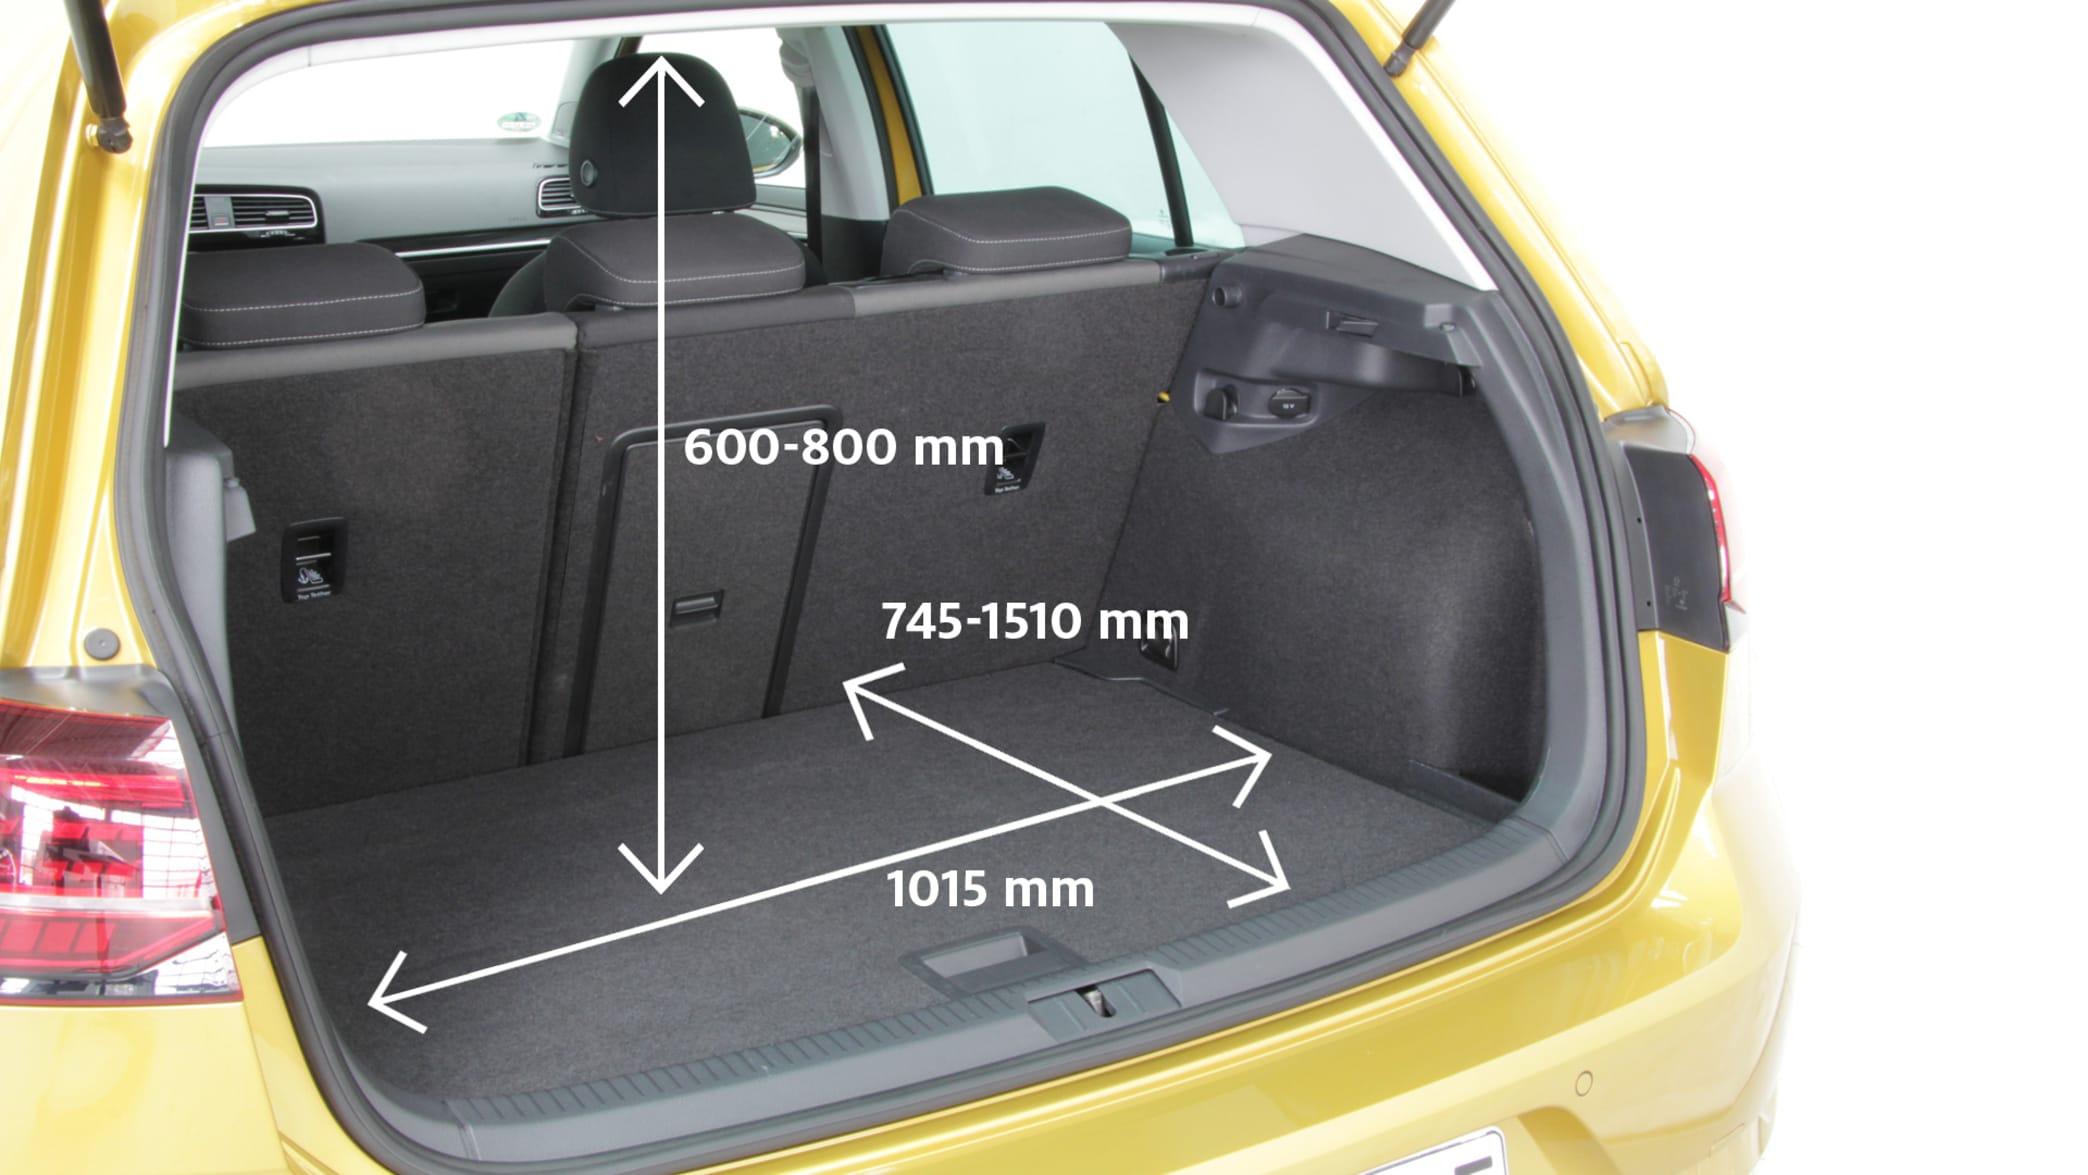 Abmessung des VW Golf Kofferraums 1.5 TSI ACT BMT Highline